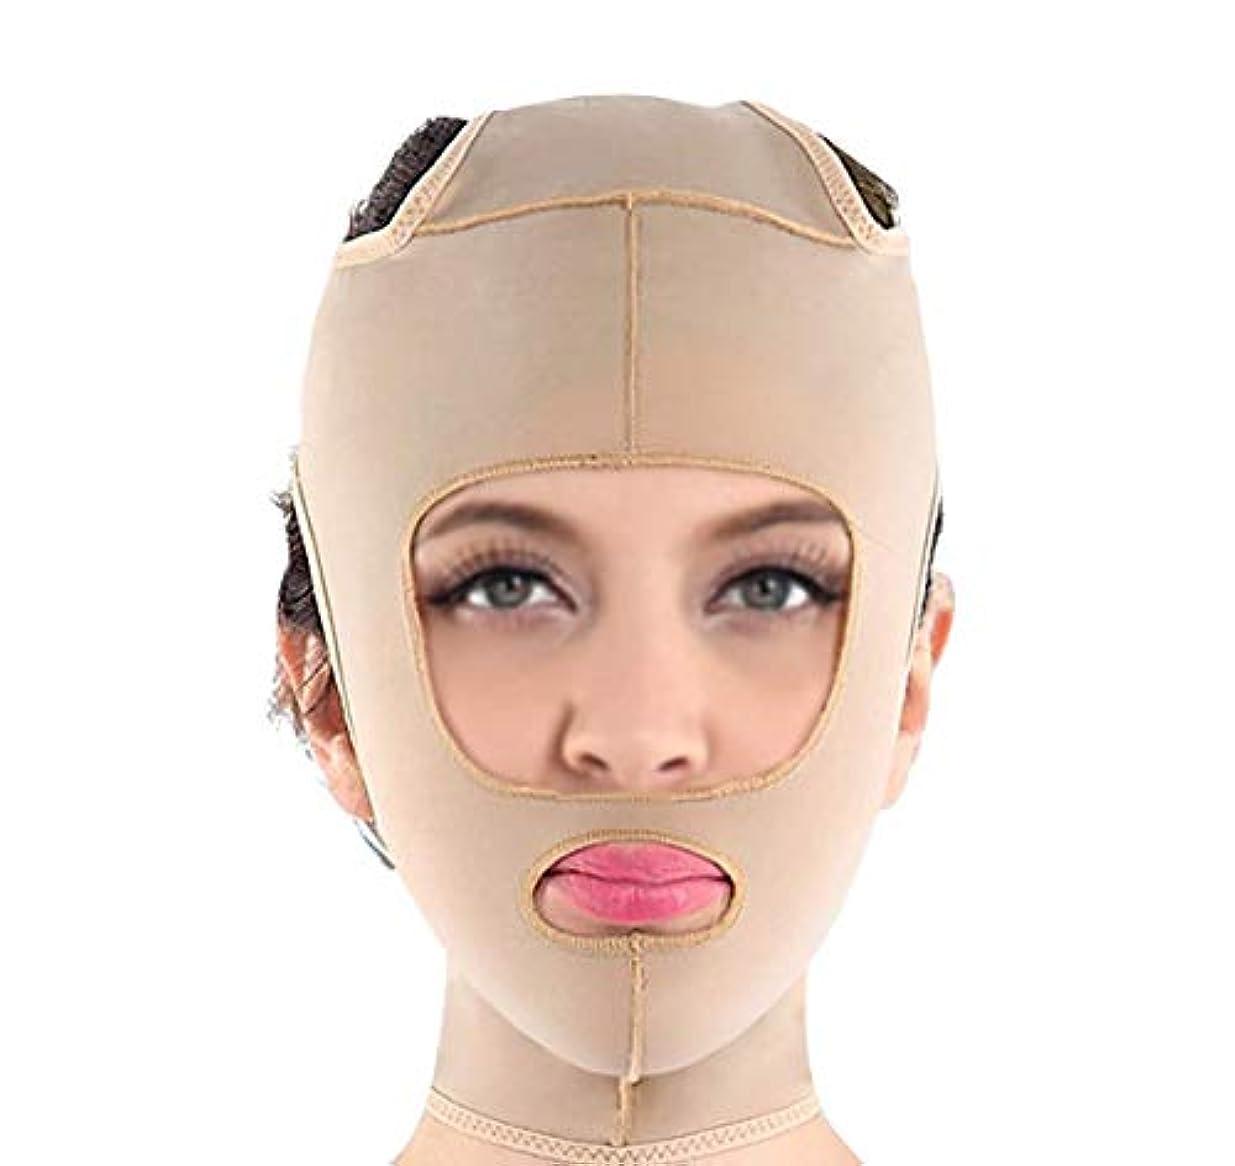 宿題をするのヒープ宿題をする包帯vフェイス楽器フェイスマスクマジックフェイスフェイシャル引き締めフェイシャルマッサージフェイシャルリンクルリフティング引き締めプラスチックマスク(サイズ:Xl),Xl